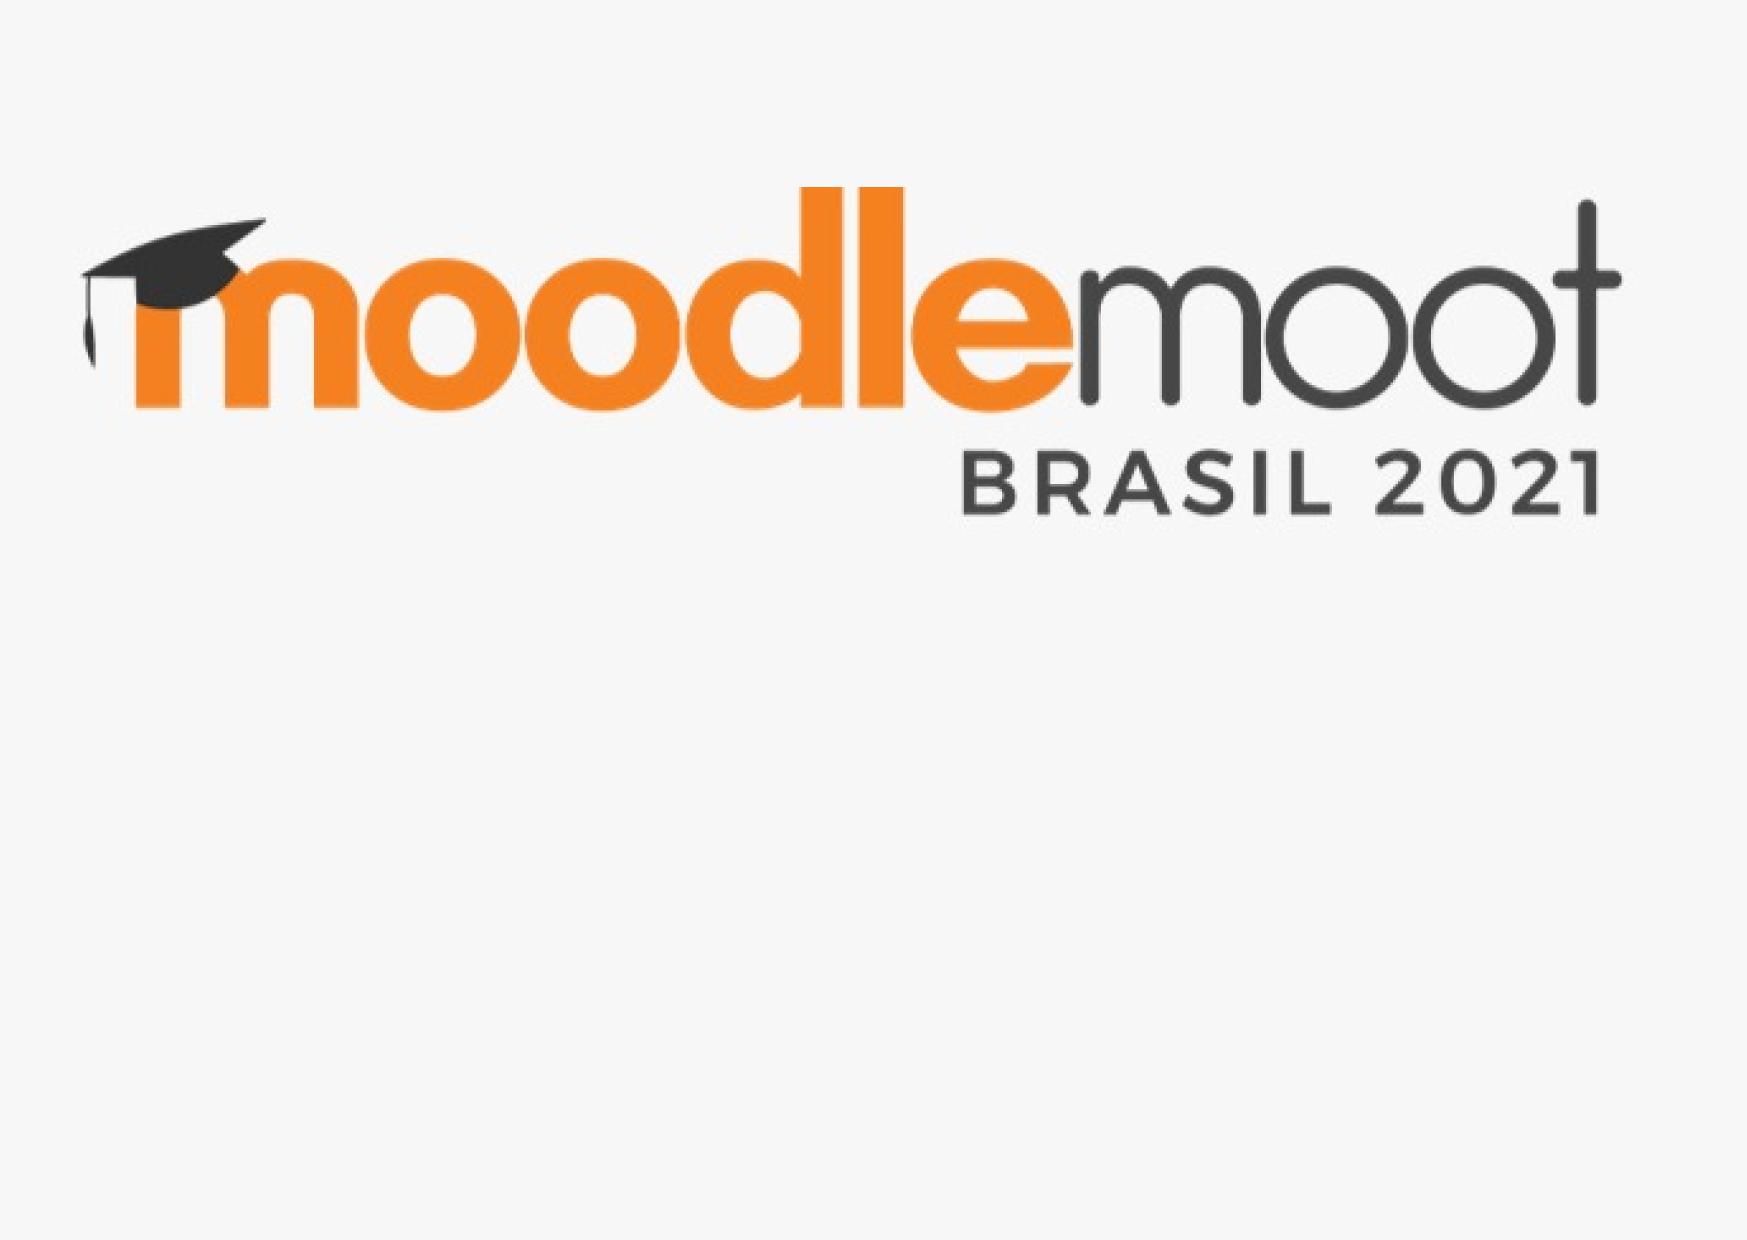 21ª edição do Moodle Moot Brasil